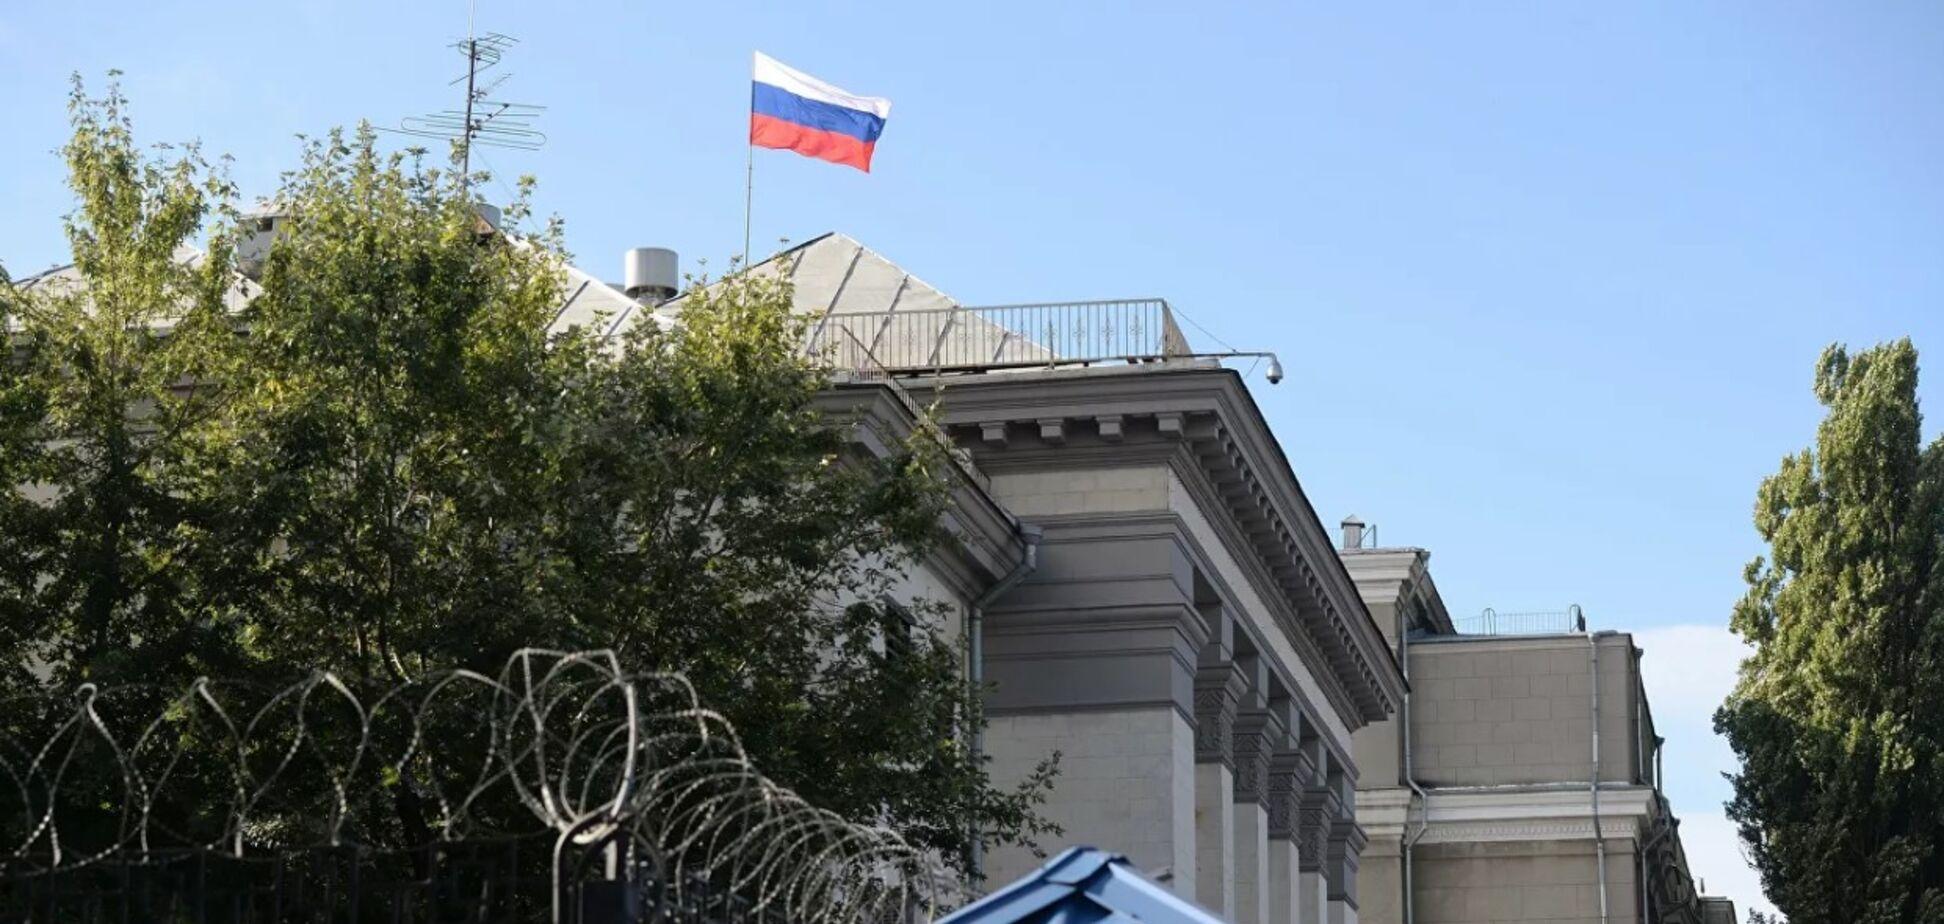 Неизвестный сжег российский триколор перед посольством РФ в Киеве. Источник: ''РИА Новости''